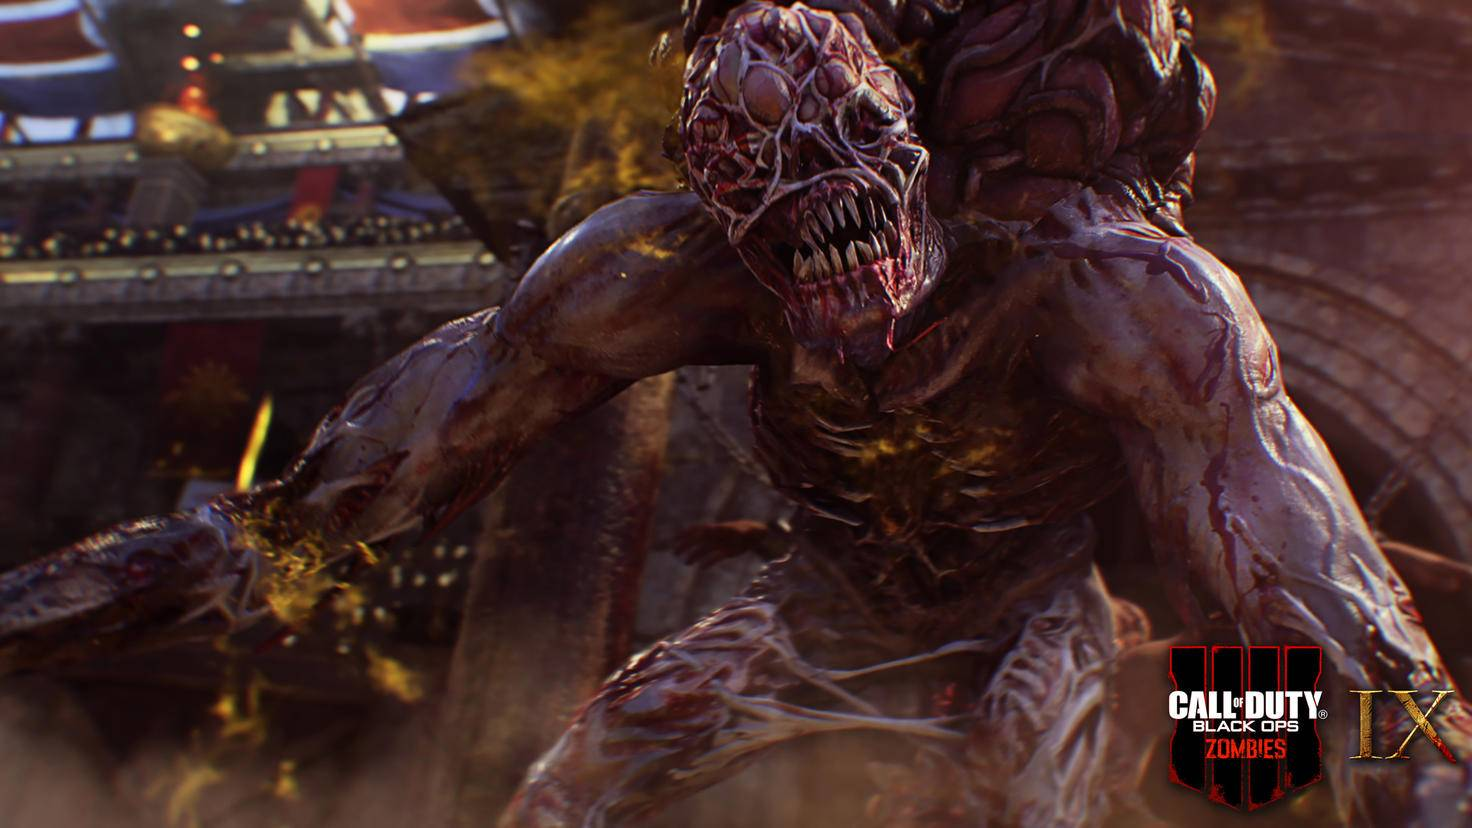 """""""Call of Duty: Black Ops 4"""" lässt wieder ein buntes Arsenal an Zombies auf die Spieler los."""